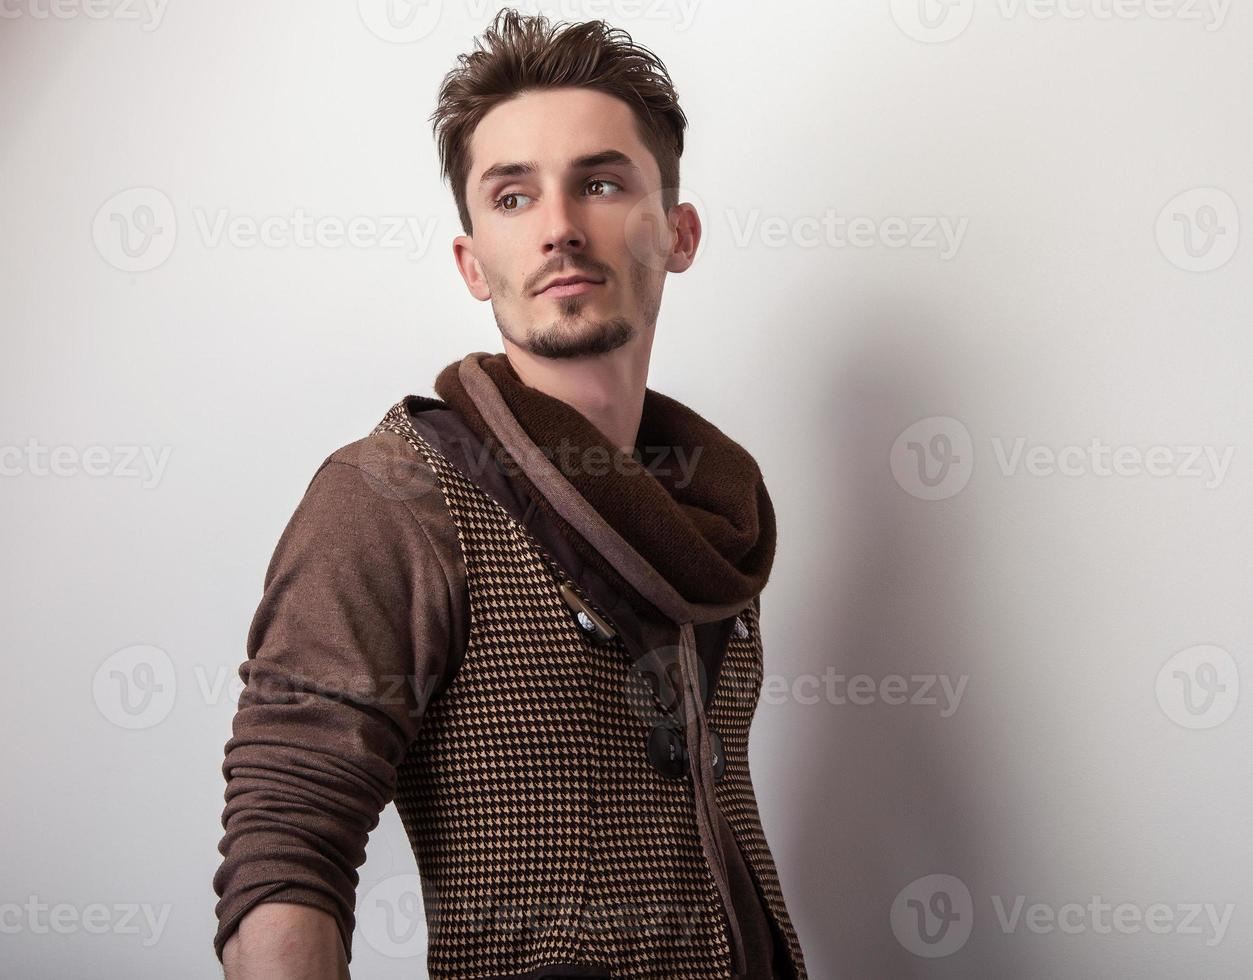 aantrekkelijke jonge man in een bruine trui poseren in studio. foto